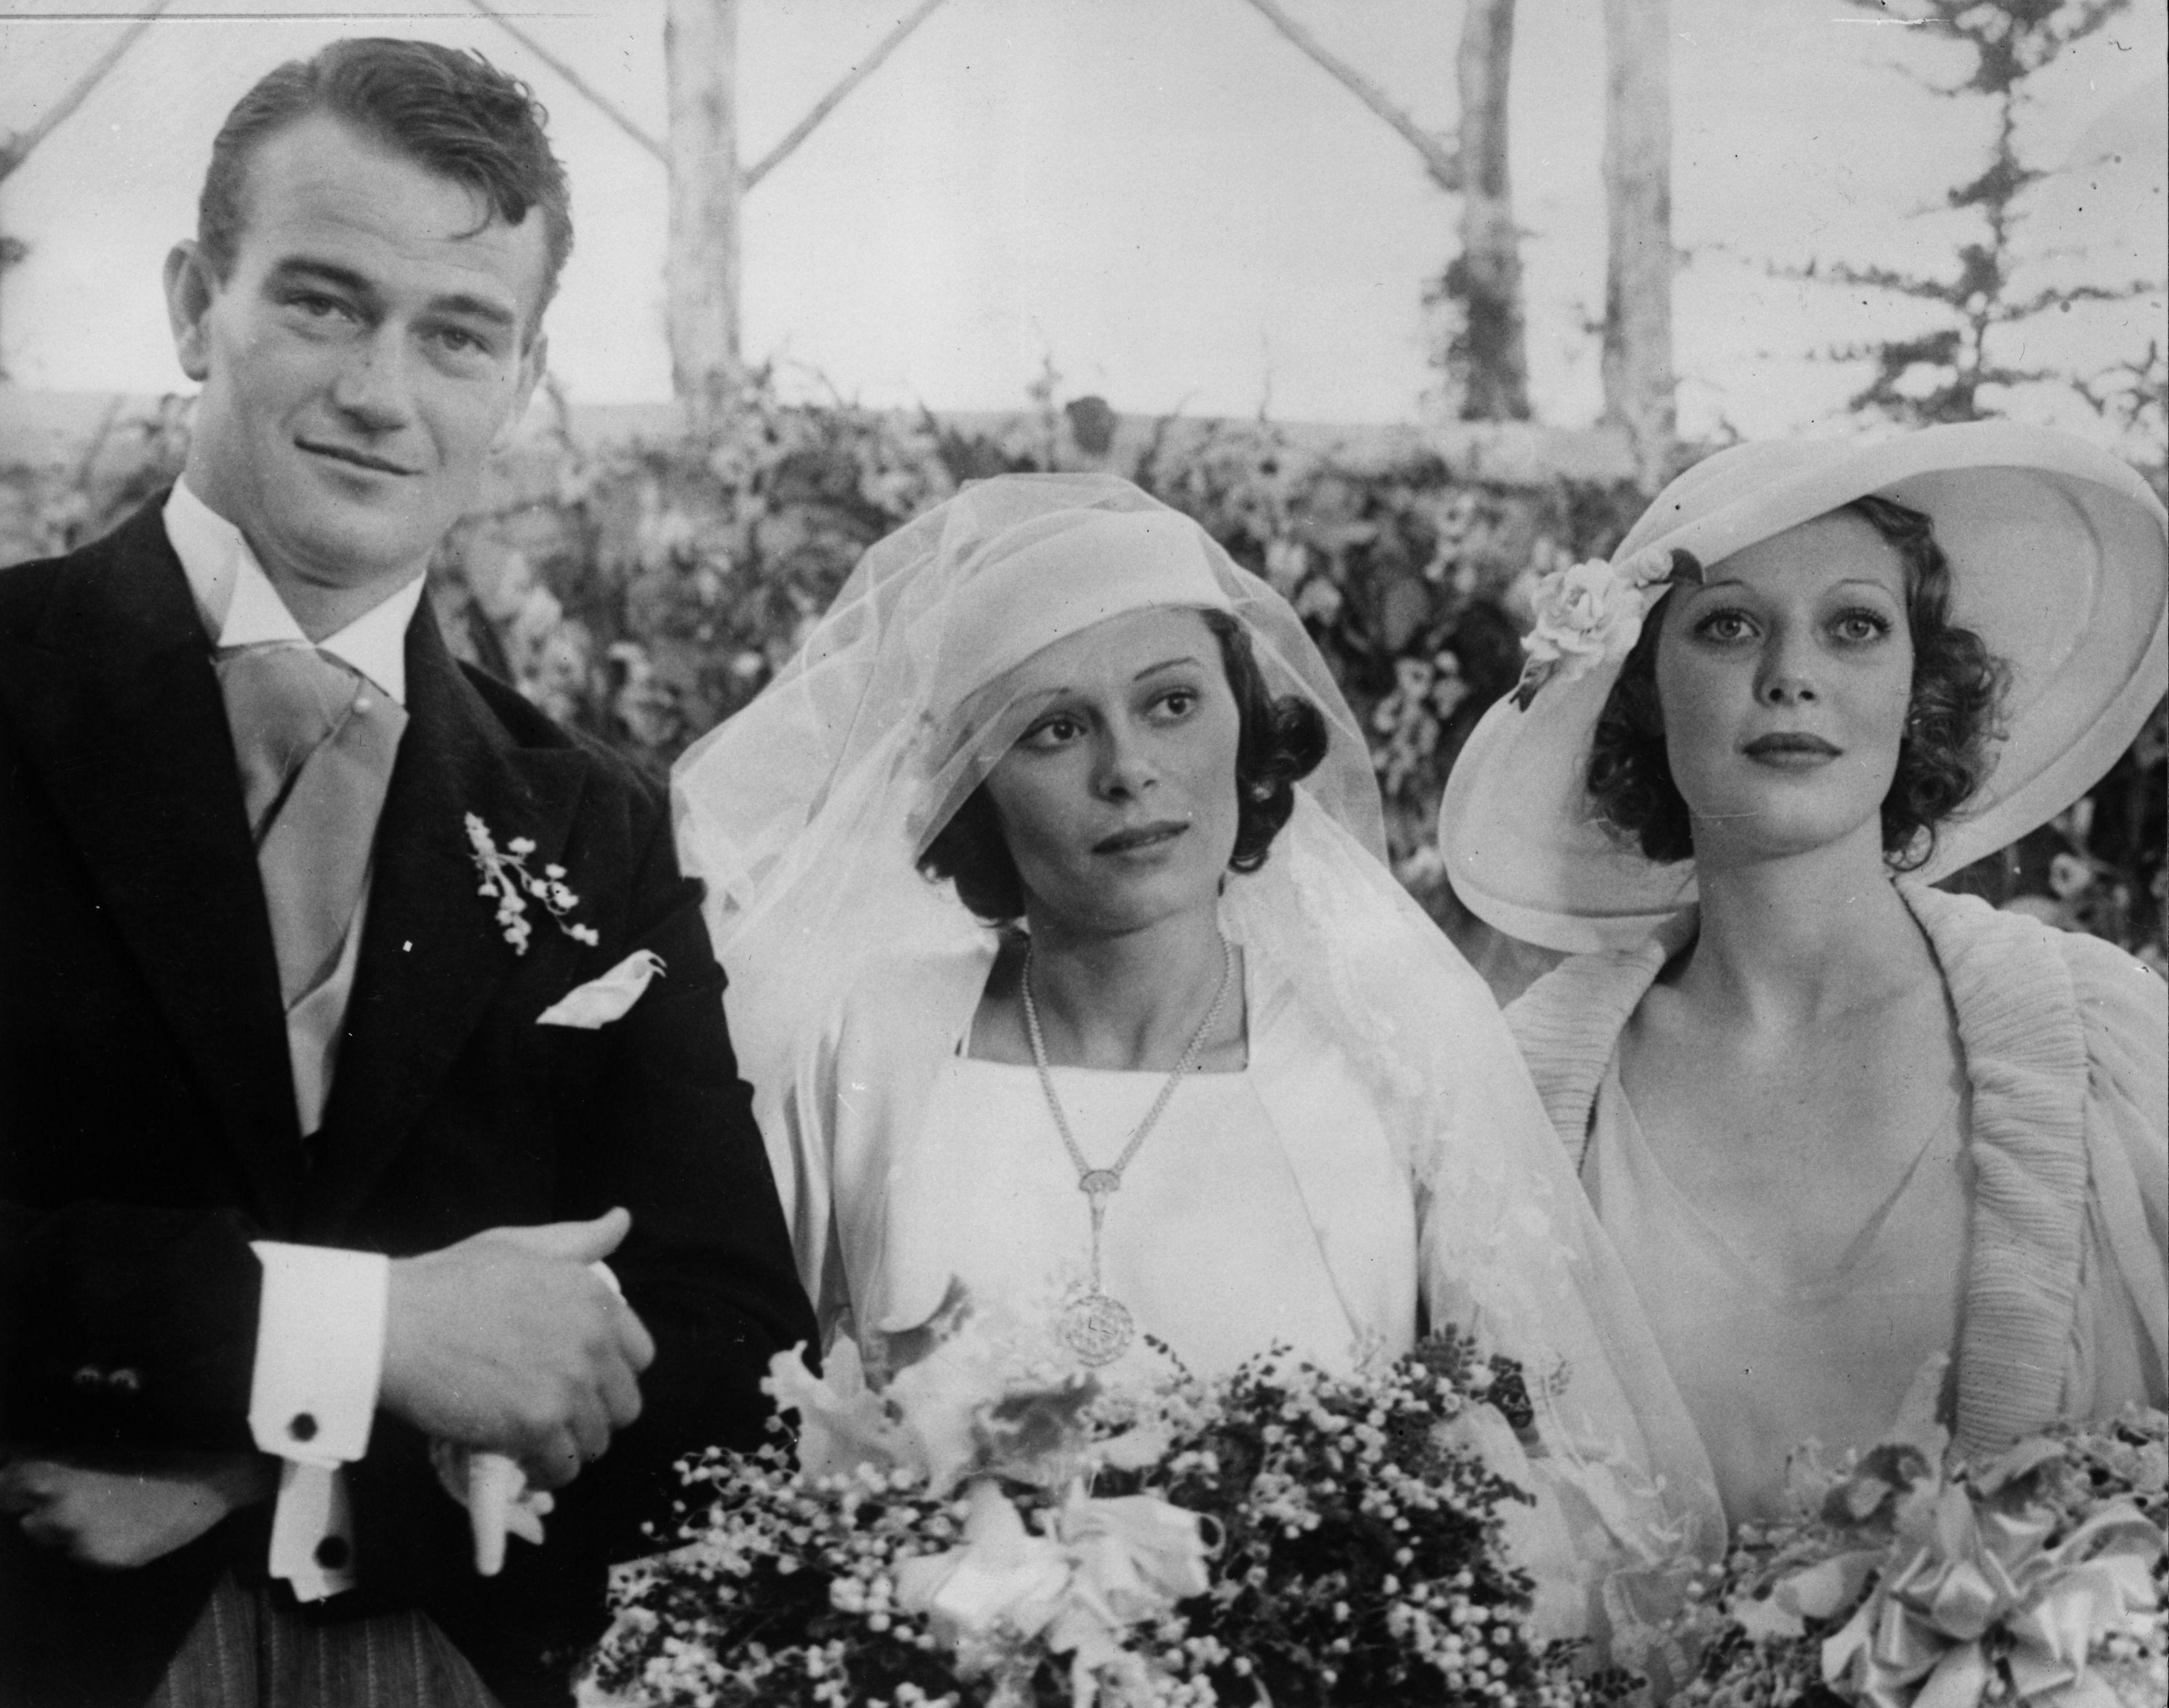 <p><strong>Джон Уейн</strong></p>  <p>Един от най-известните актьори в Холивуд се жени за дъщерята на генералния консул на Панама в САЩ - Джоузефин Саенц. Двамата сключват брак през&nbsp;1933 г., когато Уейн е на 26 години. Те имат четири деца, но се се развеждат през 1945 г.&nbsp;</p>